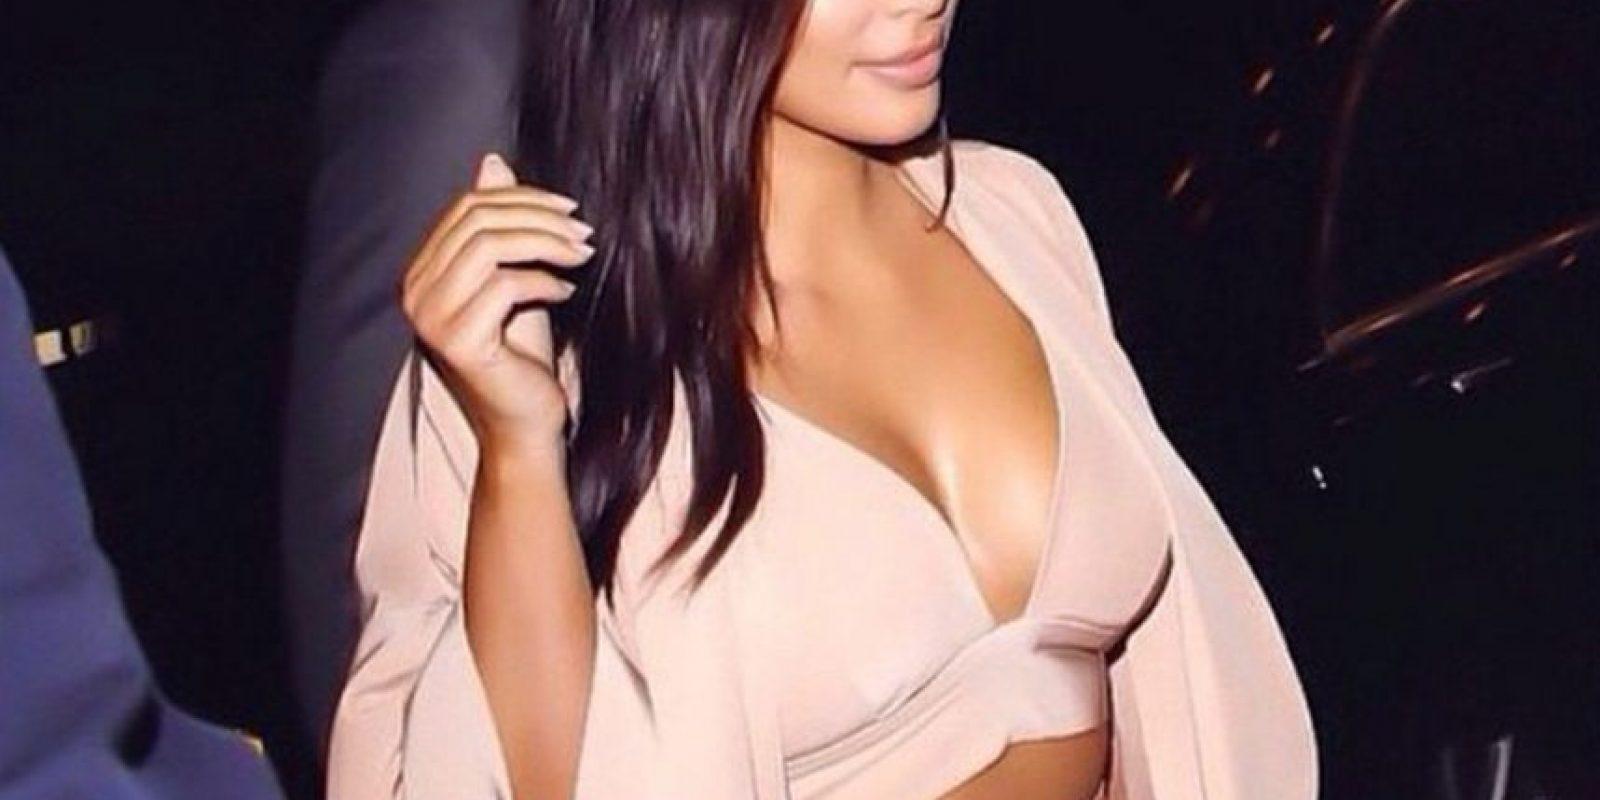 """Su popularidad aumentó a partir de enero de 2011 con el estreno de """"Kourtney and Kim Take New York"""" Foto:Instagram @kimkardashian"""